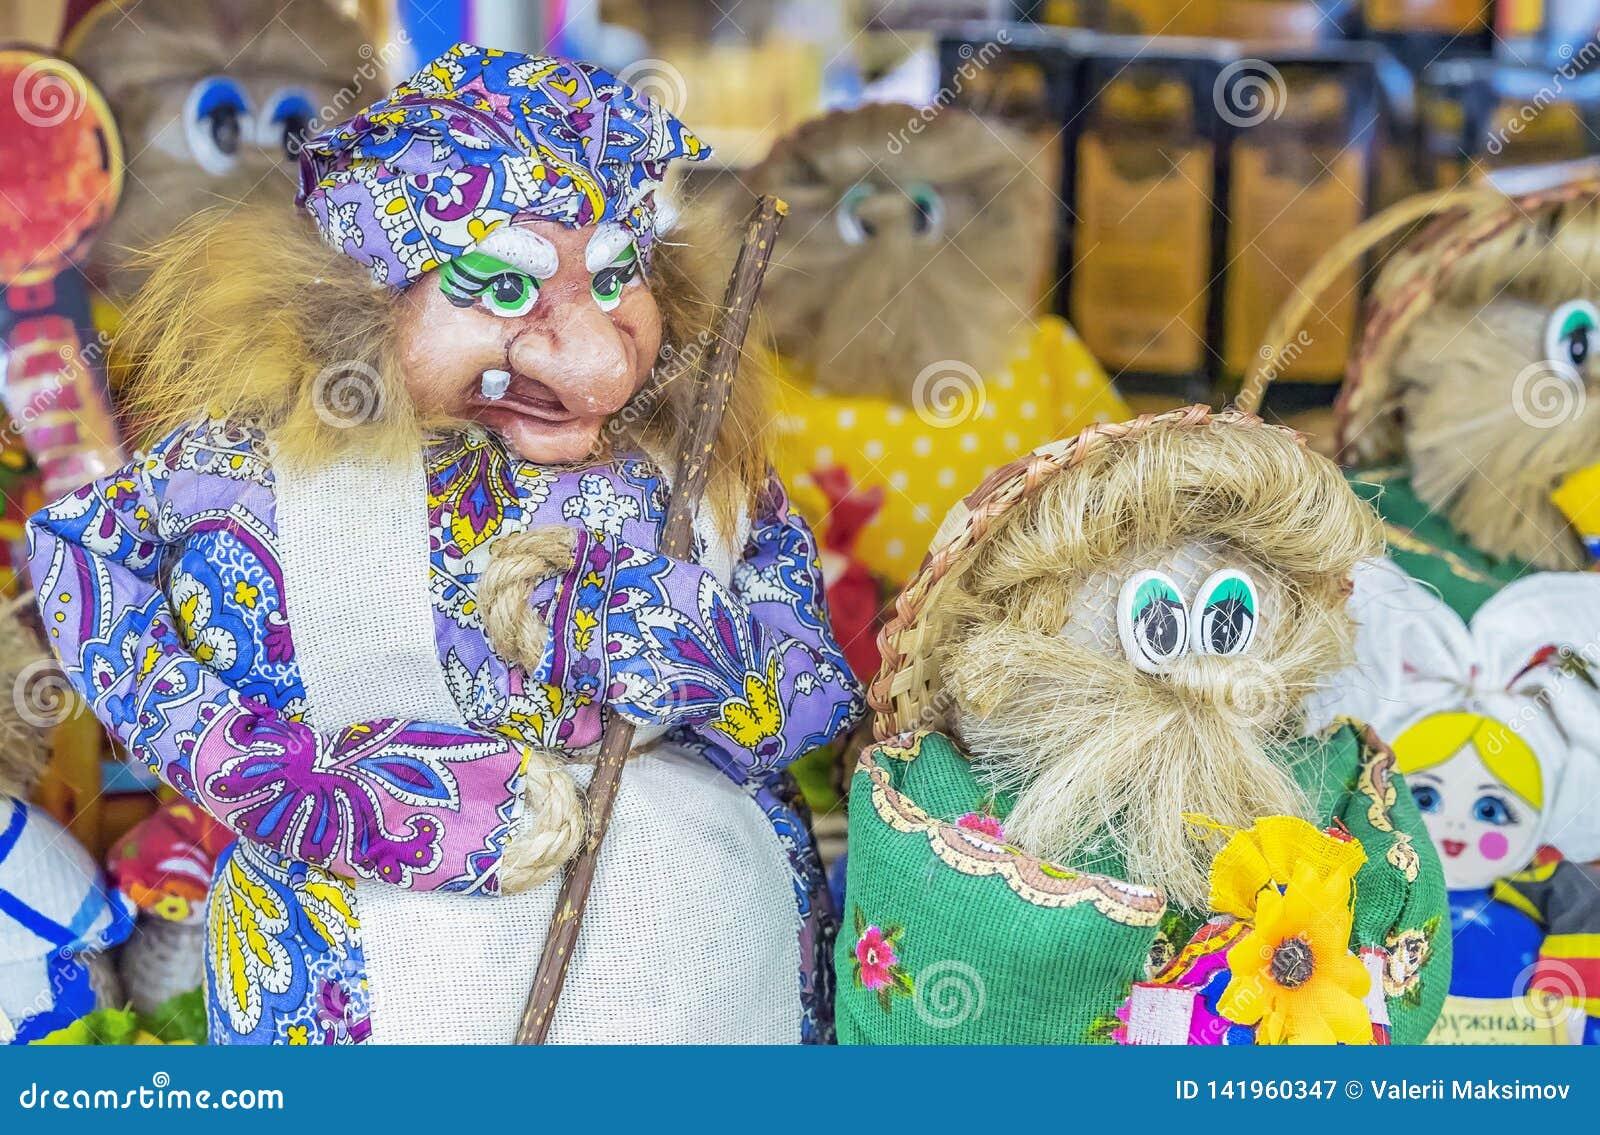 Статуэтка злой ведьмы В русских фольклорных сказах - Бабе Yaga